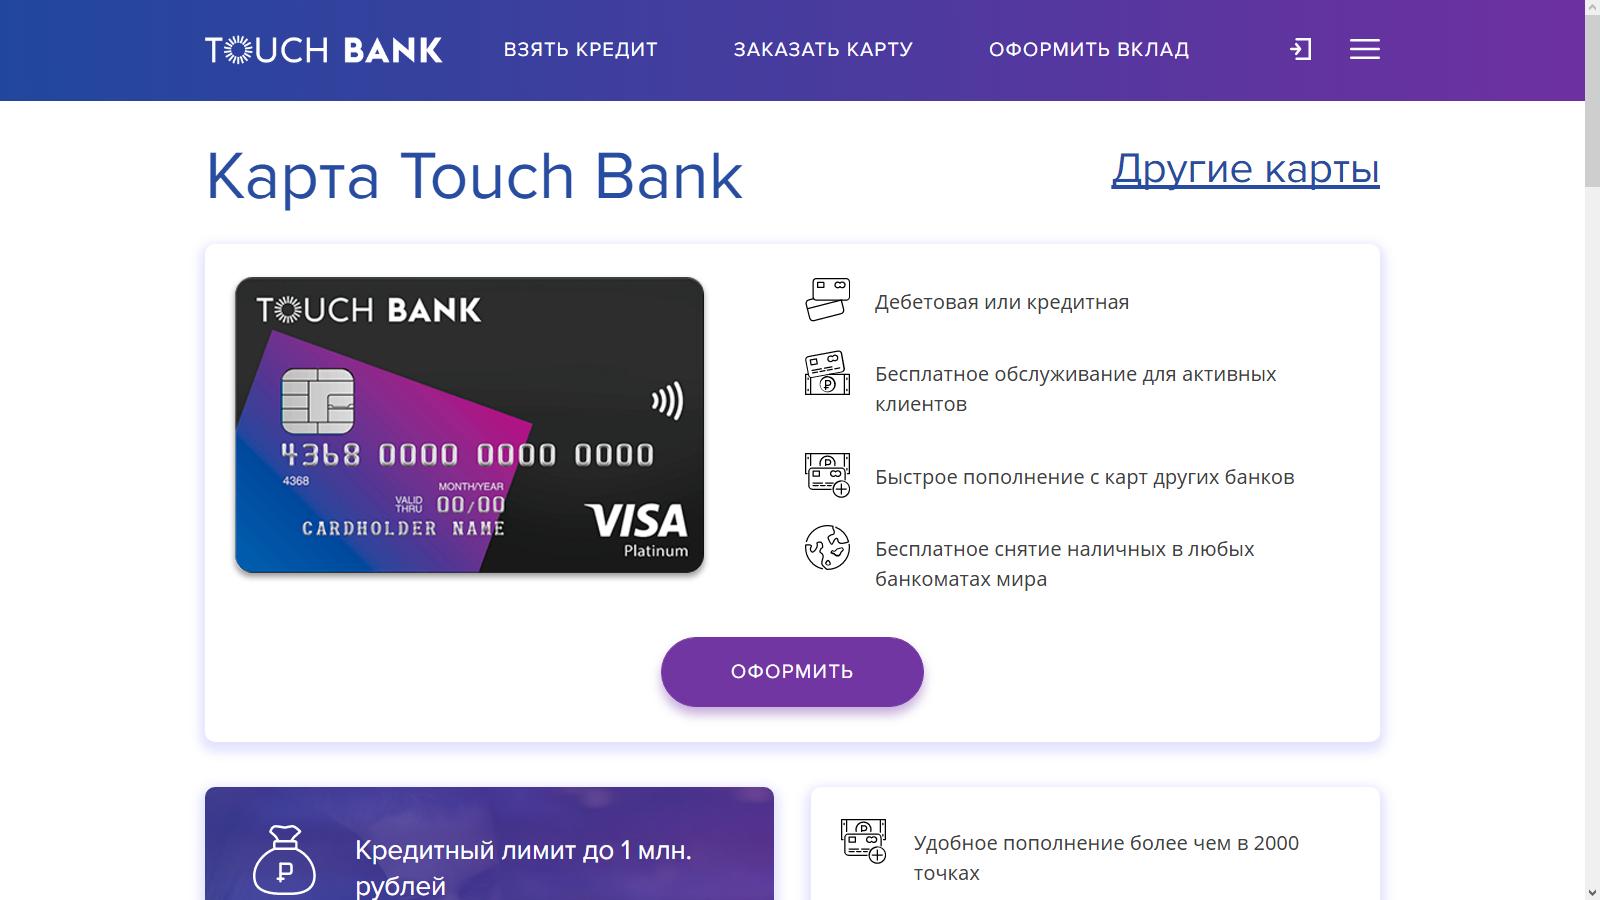 арта Touch Bank с кэшбэком в рейтинге 2017 года